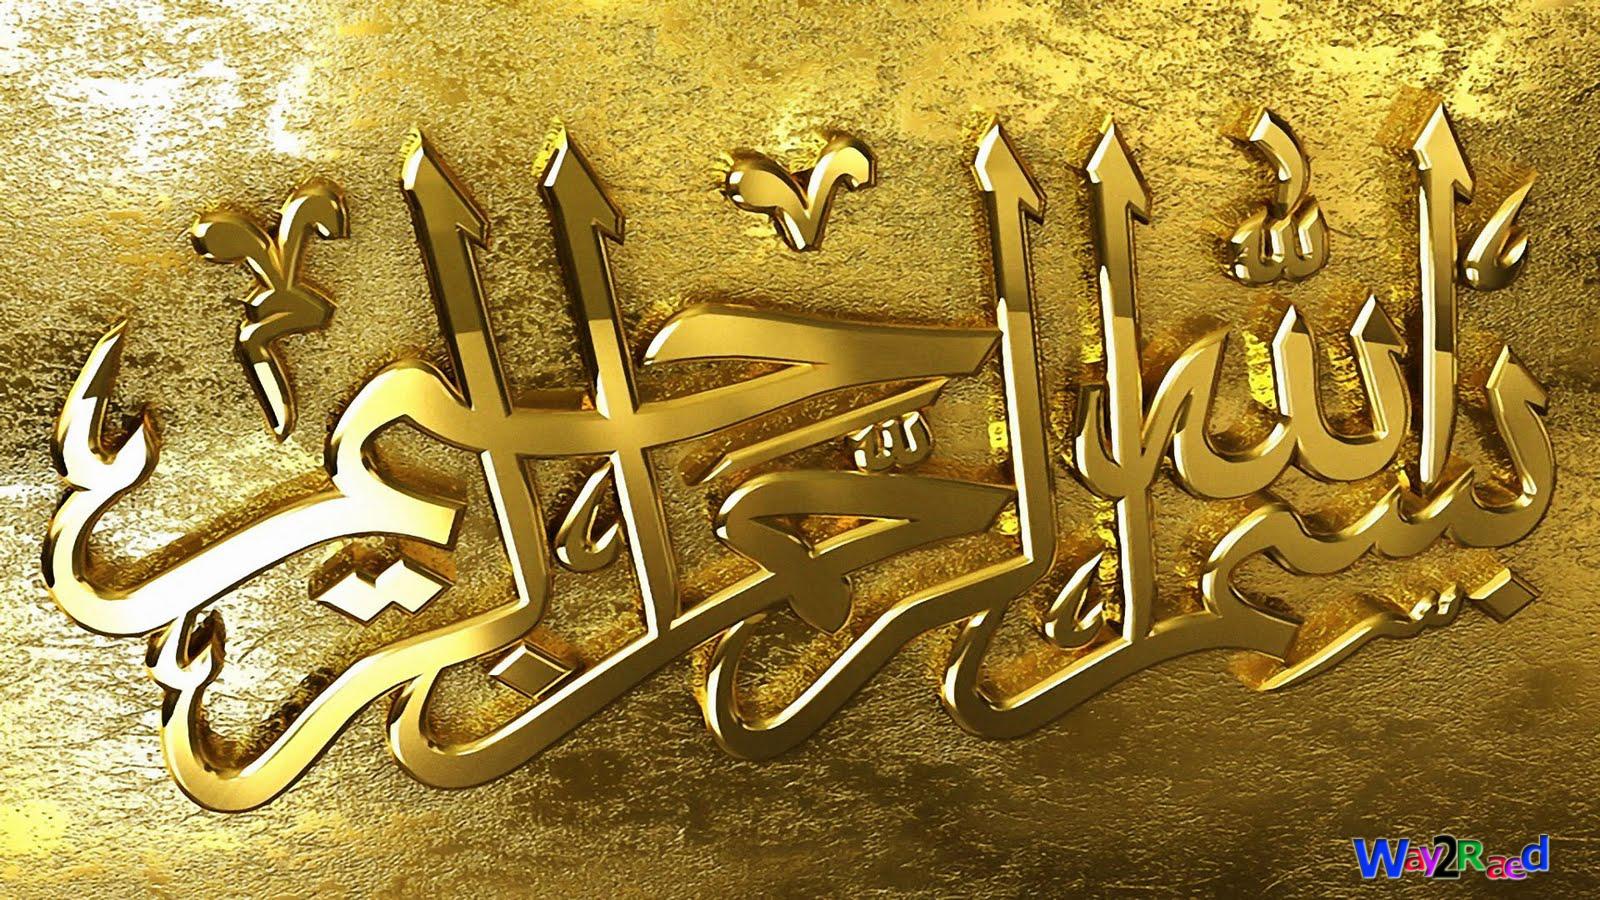 Gambar Kaligrafi Tulisan Indah Arab Bismillah 5 Free